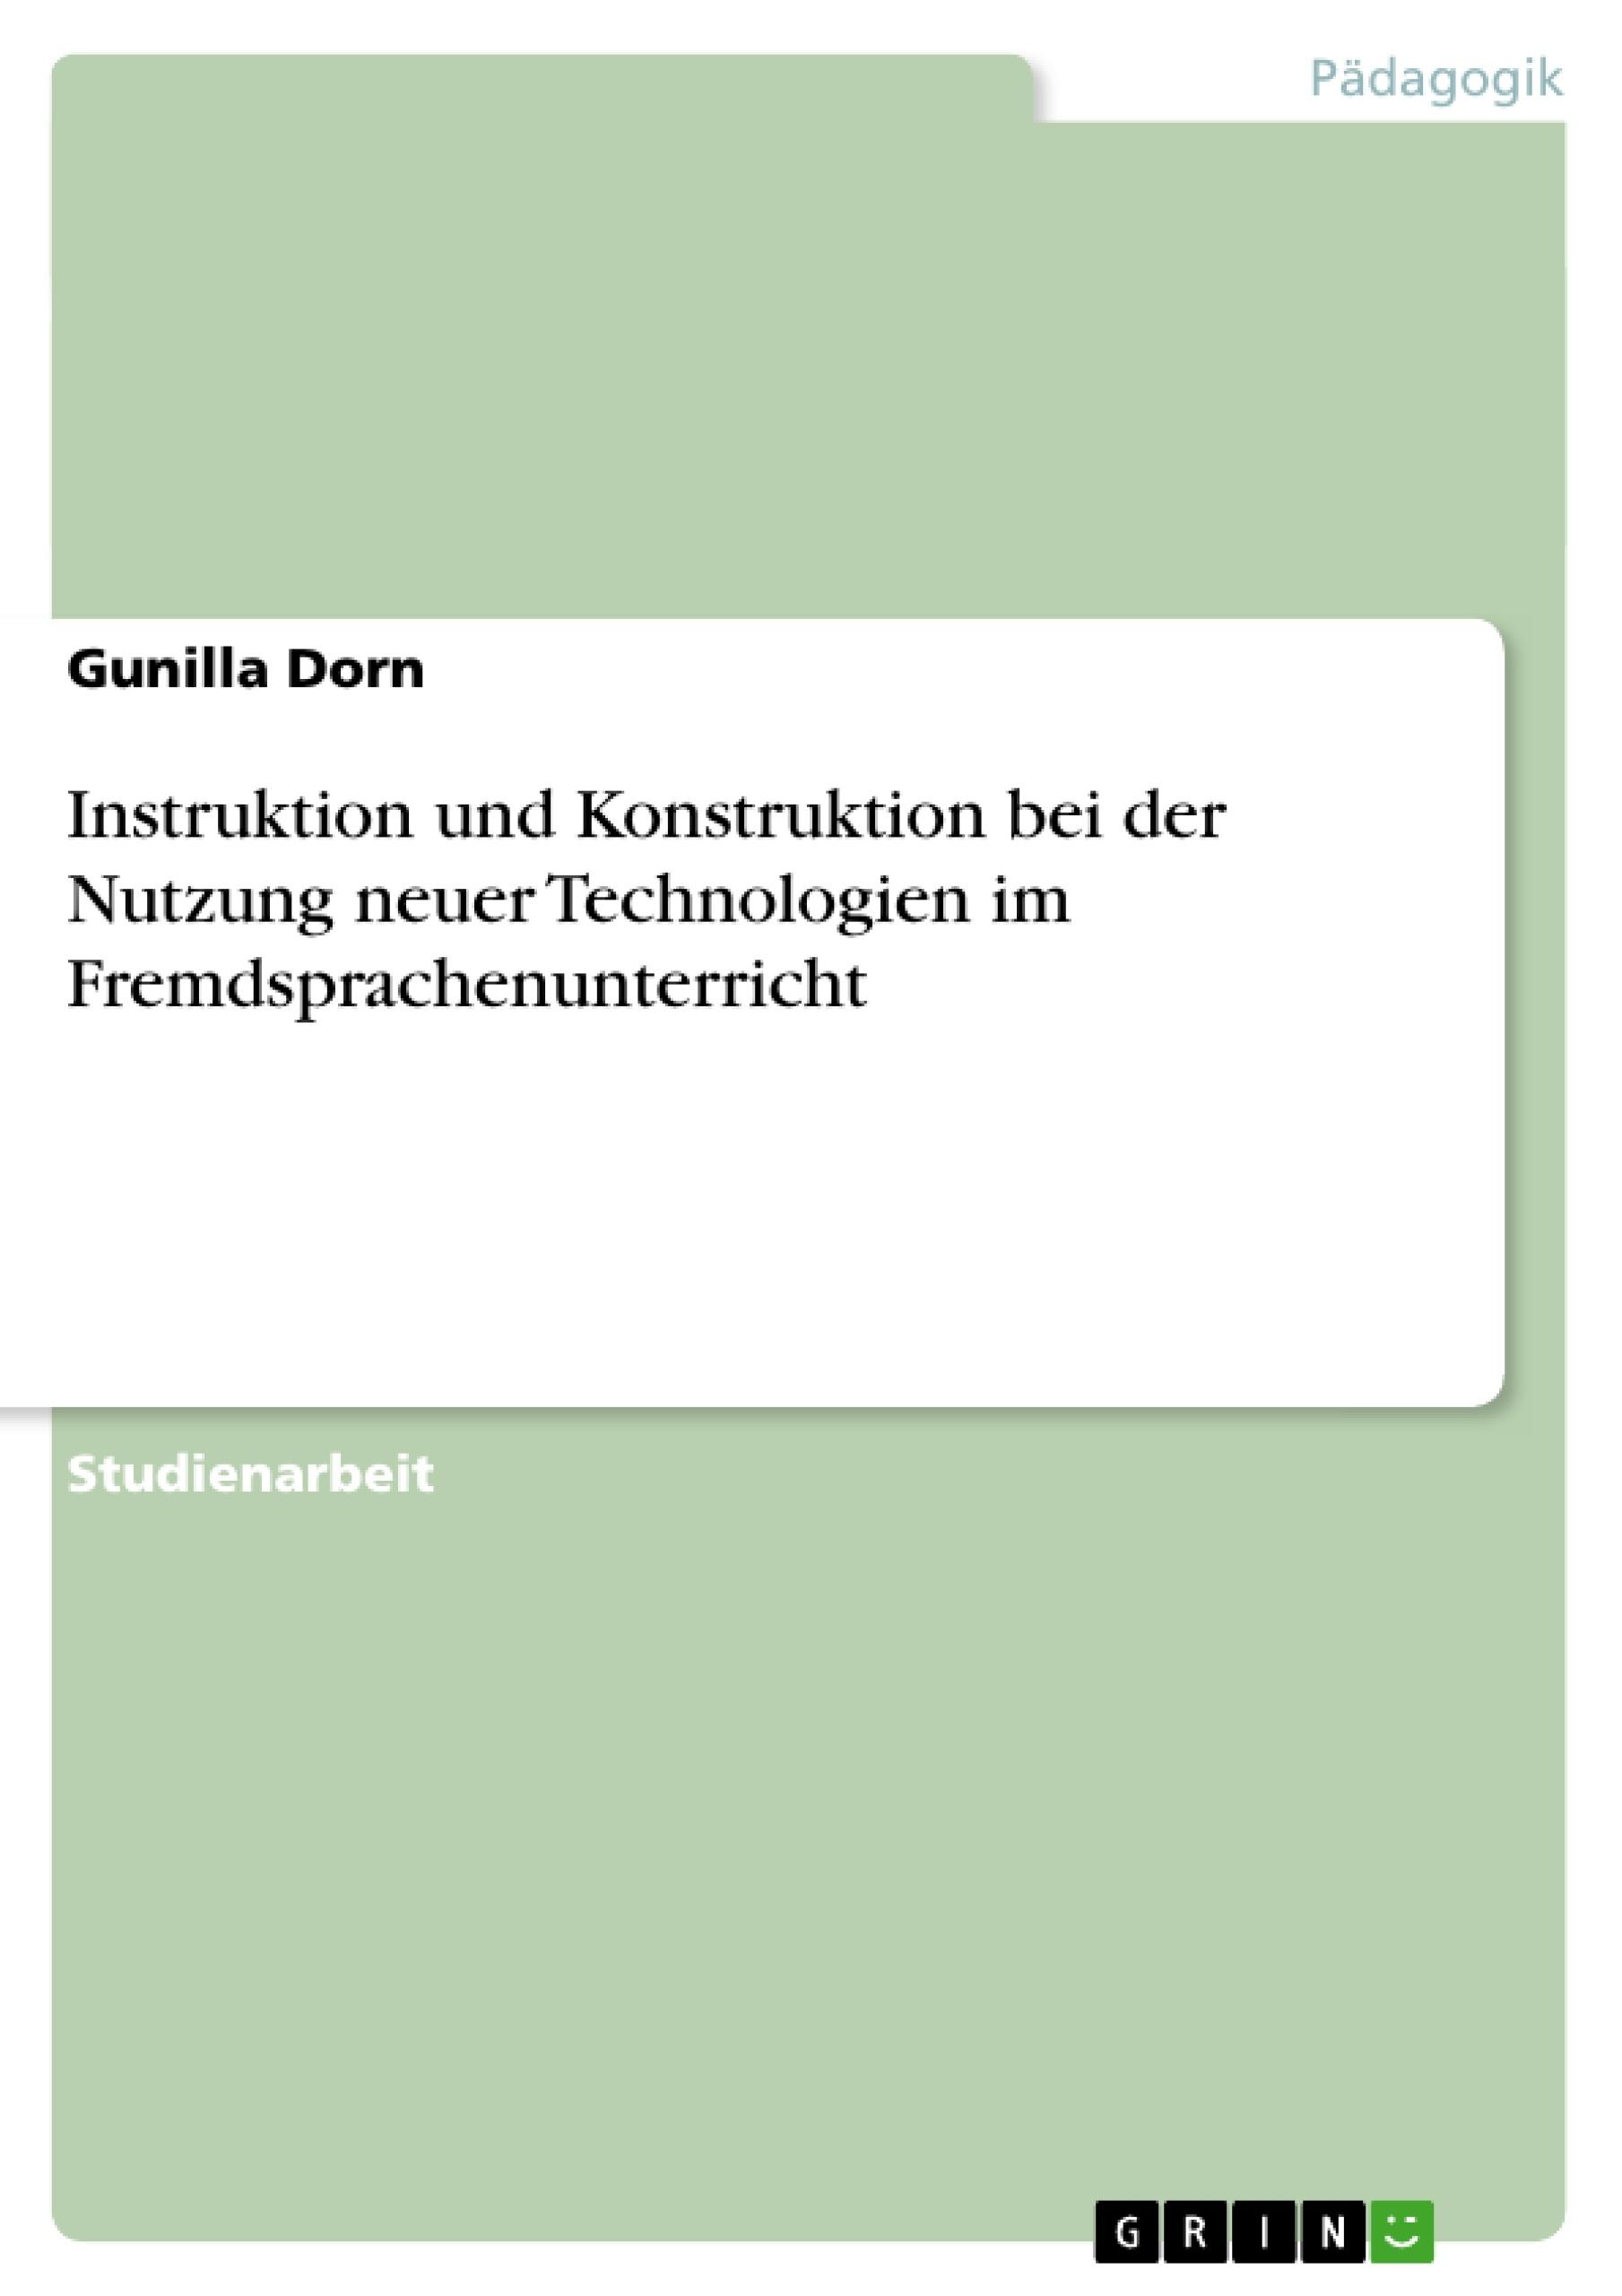 Titel: Instruktion und Konstruktion bei der Nutzung neuer Technologien im Fremdsprachenunterricht